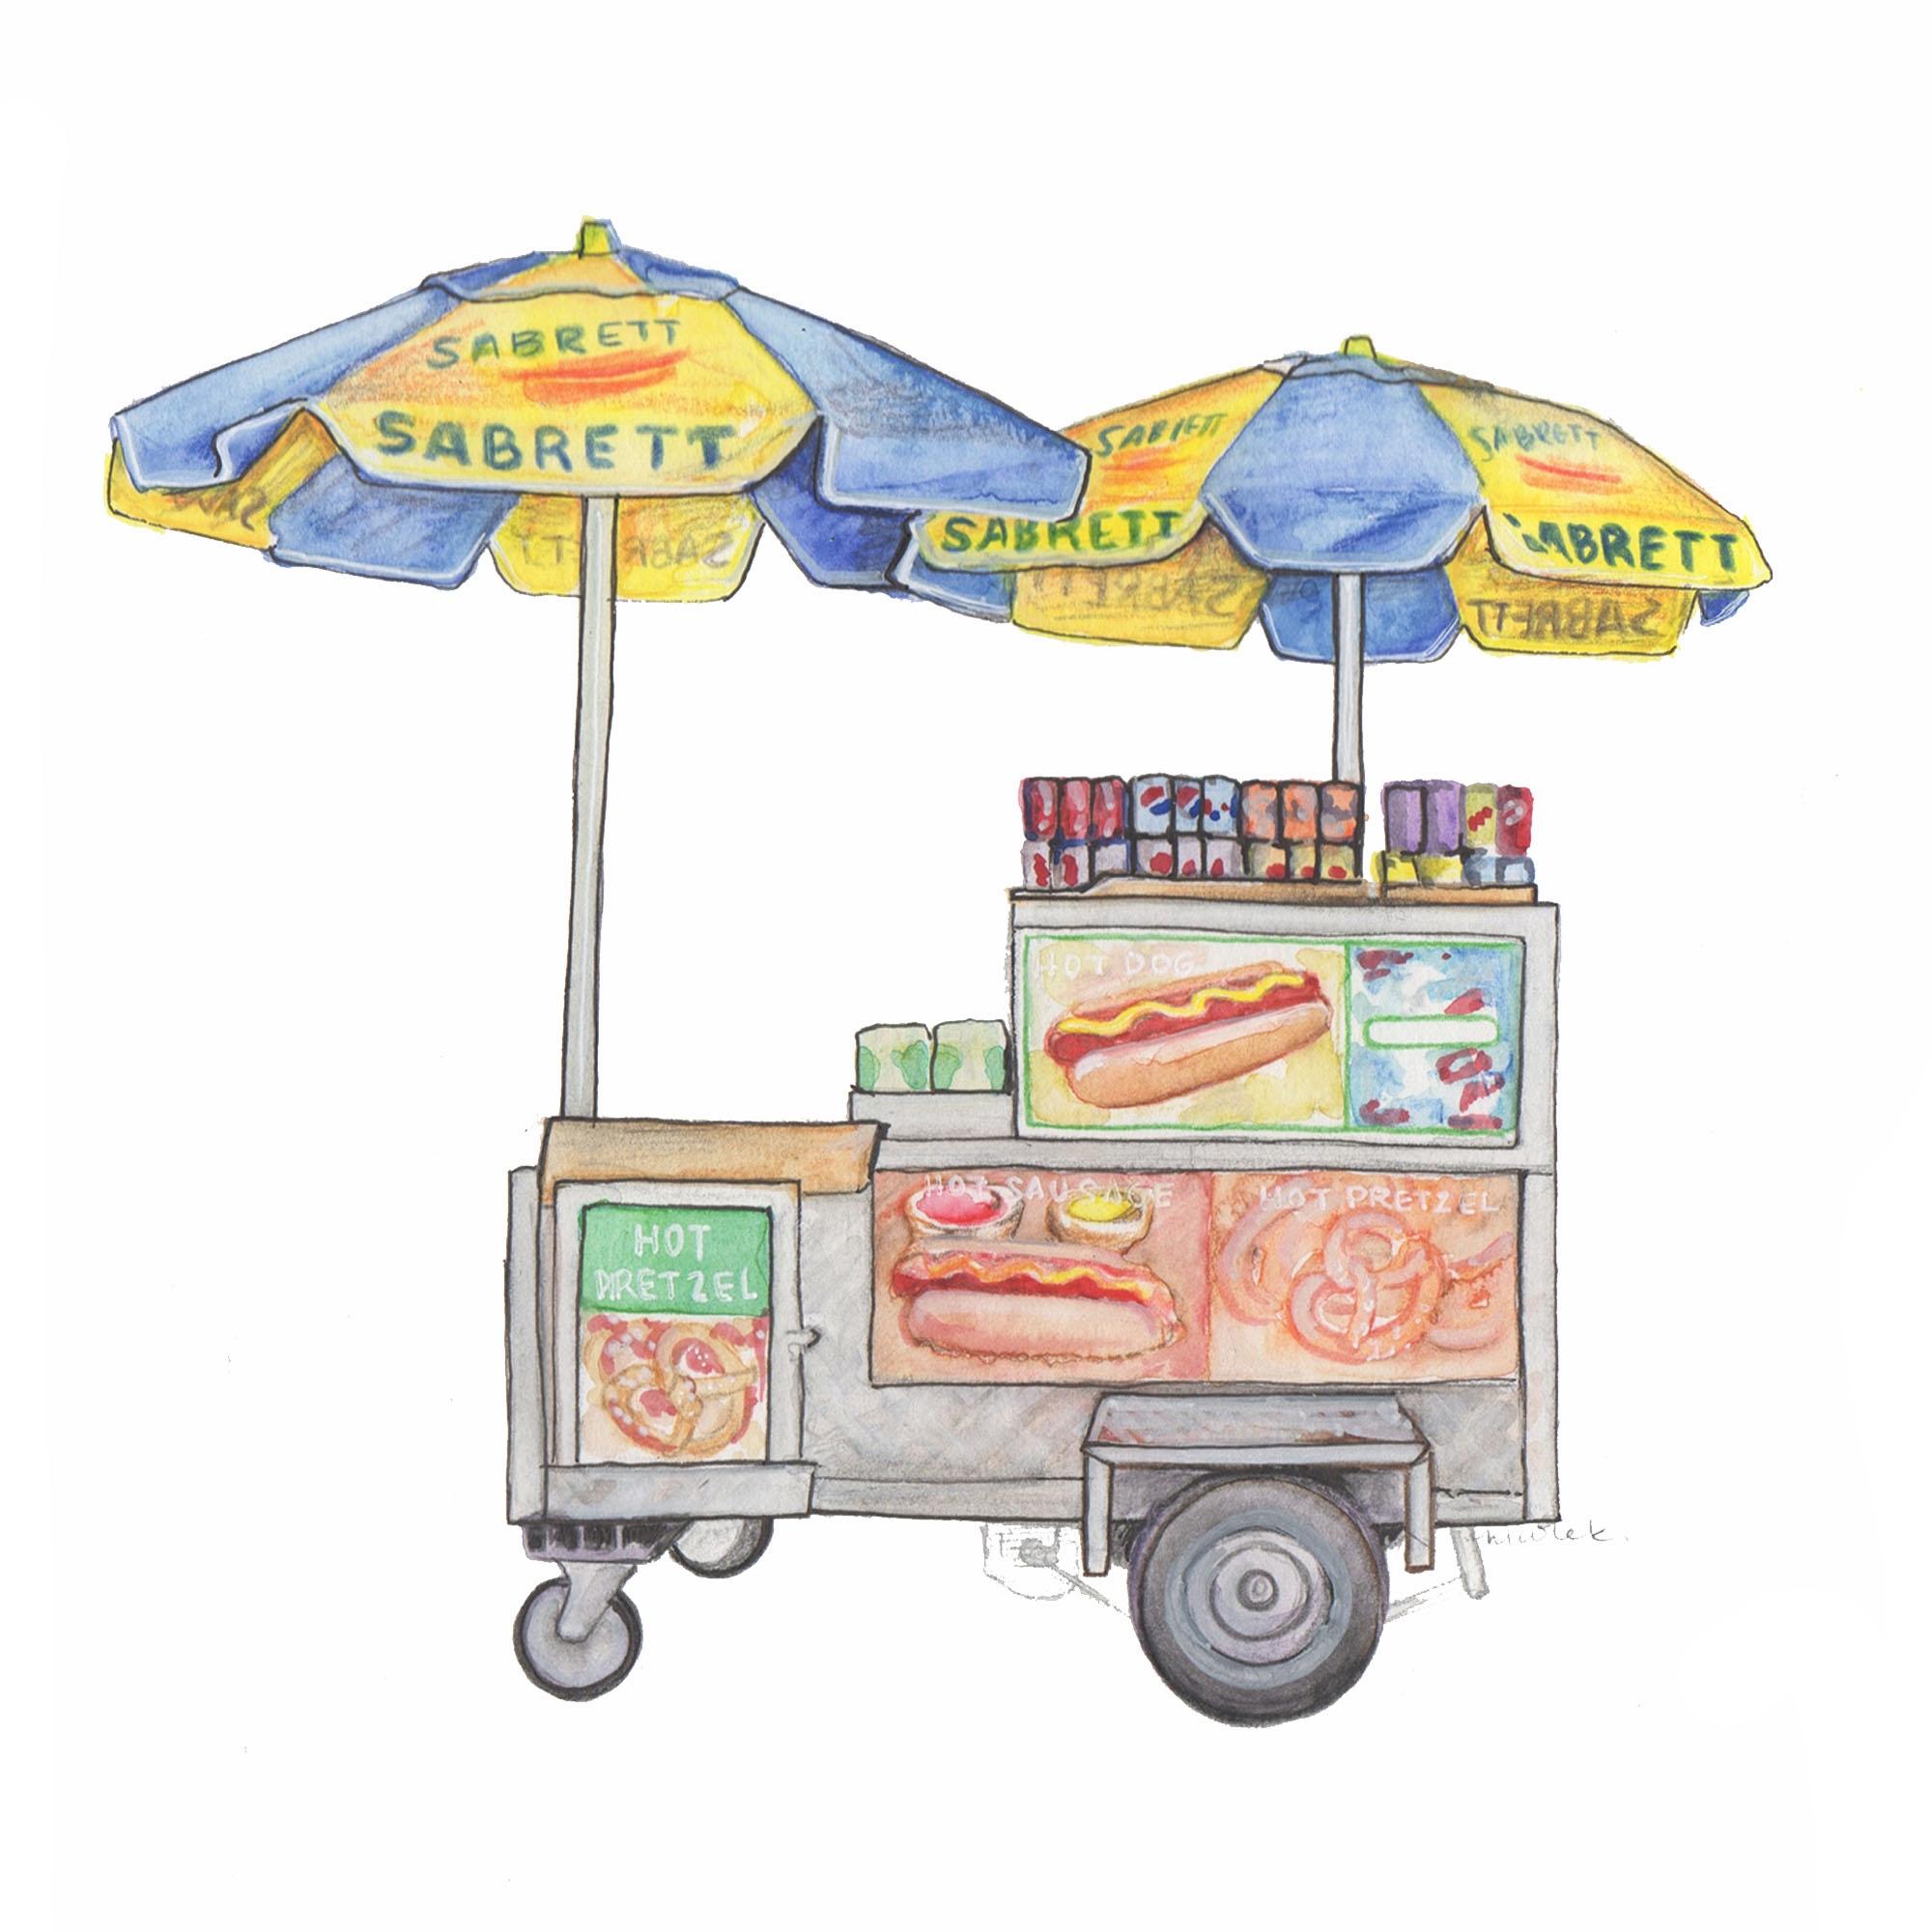 hotdogcartonwhite.jpg